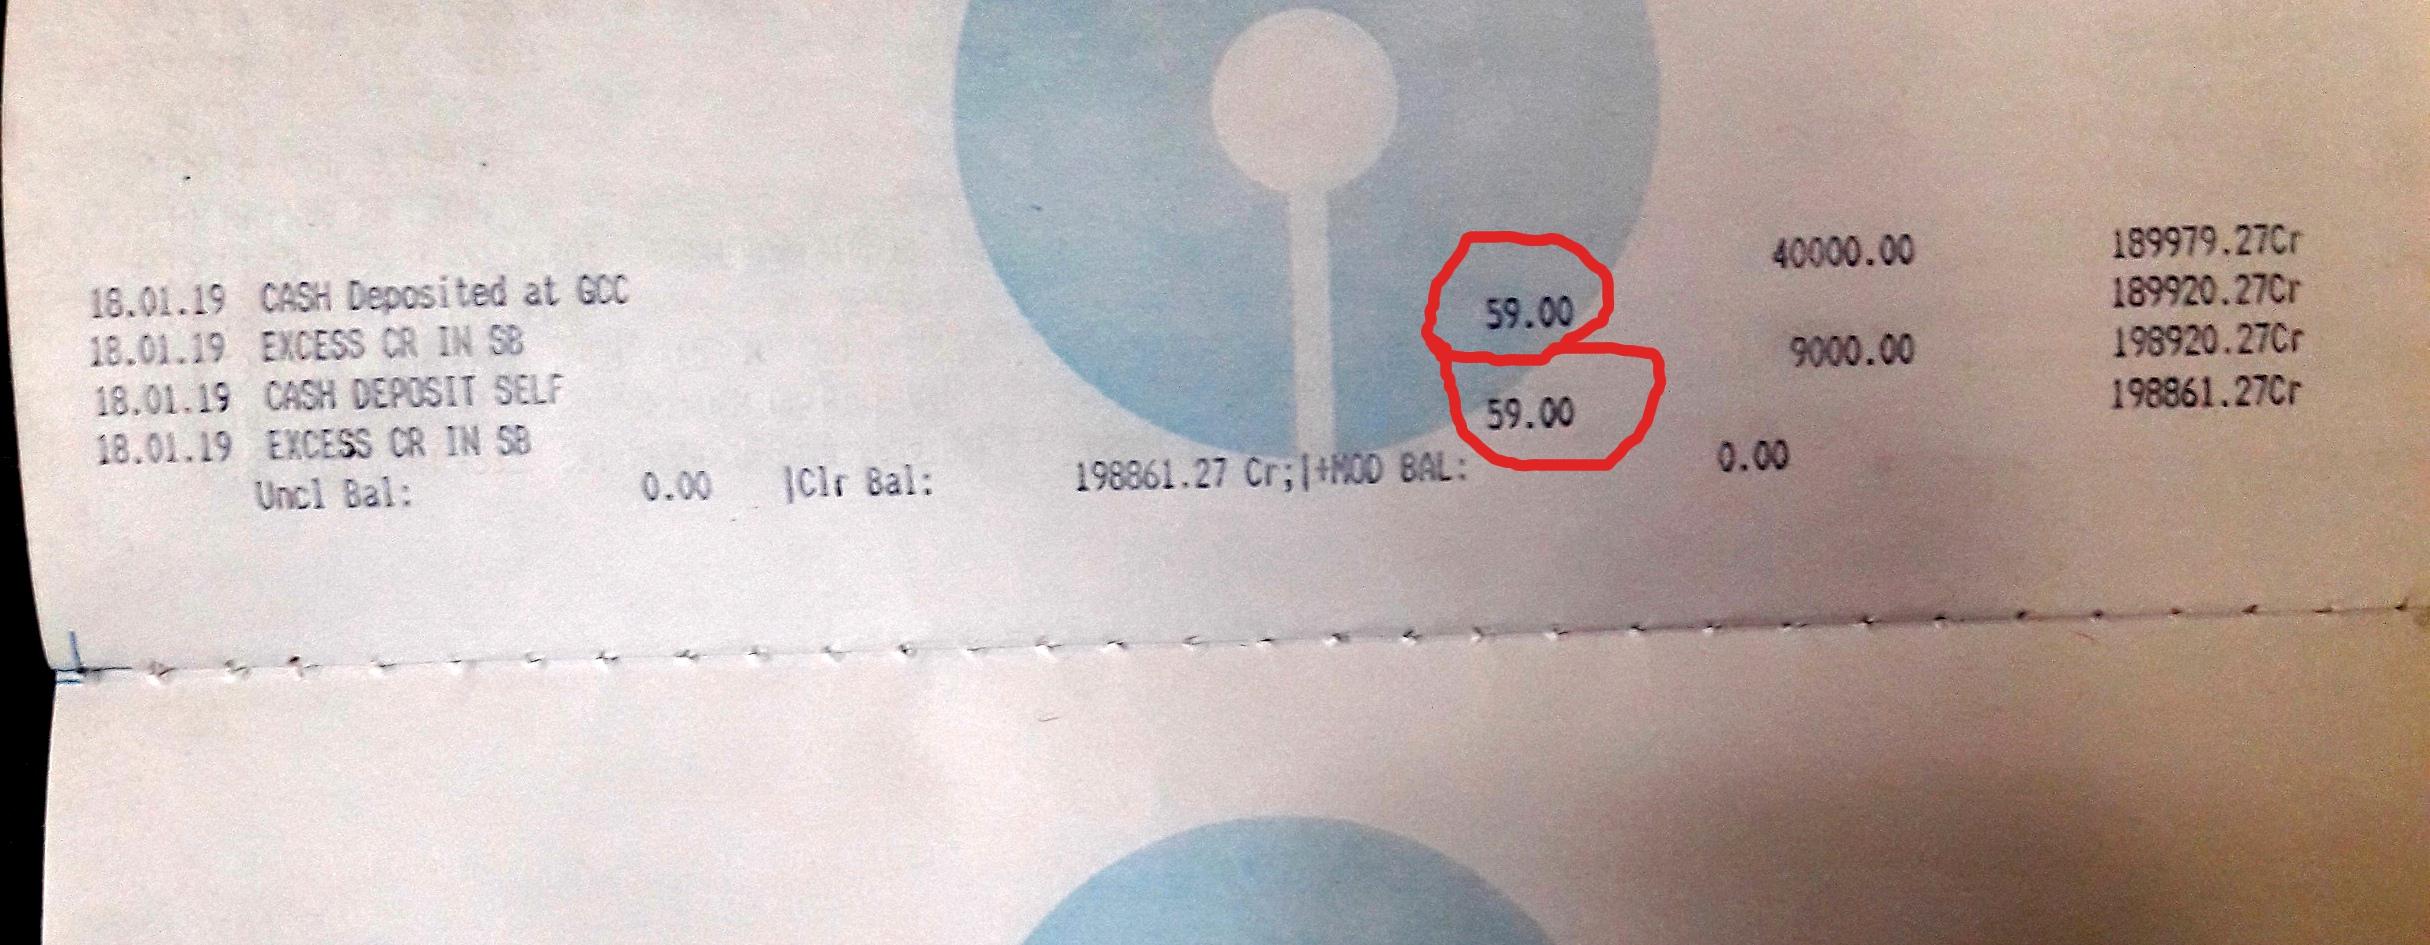 एटीएम से चौथी बार निकासी पर कट रहे 59 रुपए